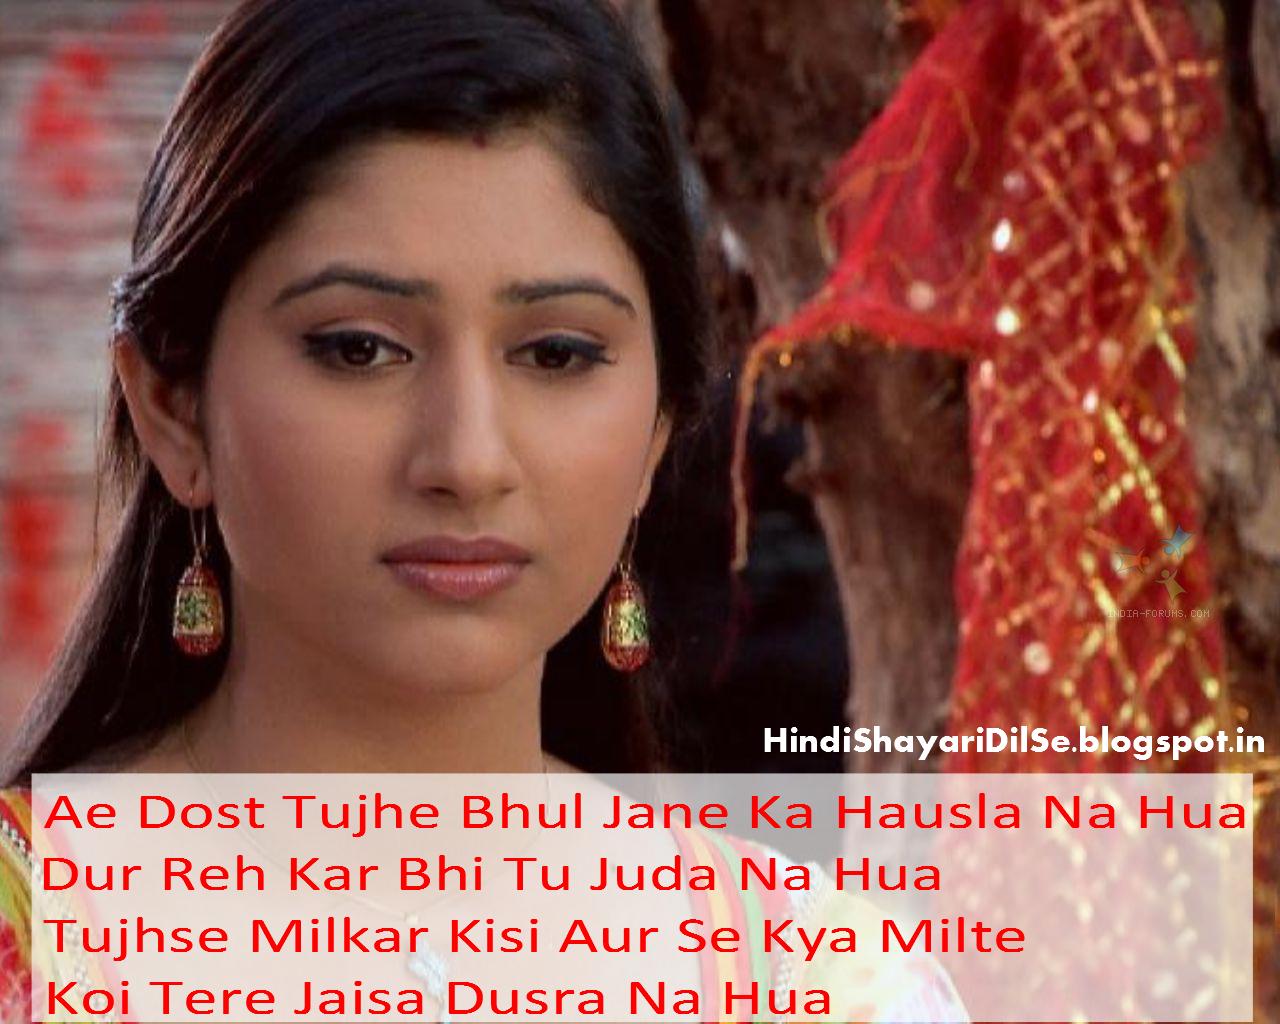 Shayari in Hindi,Love Shayari,Sad Shayari,Funny shayari - HD ...